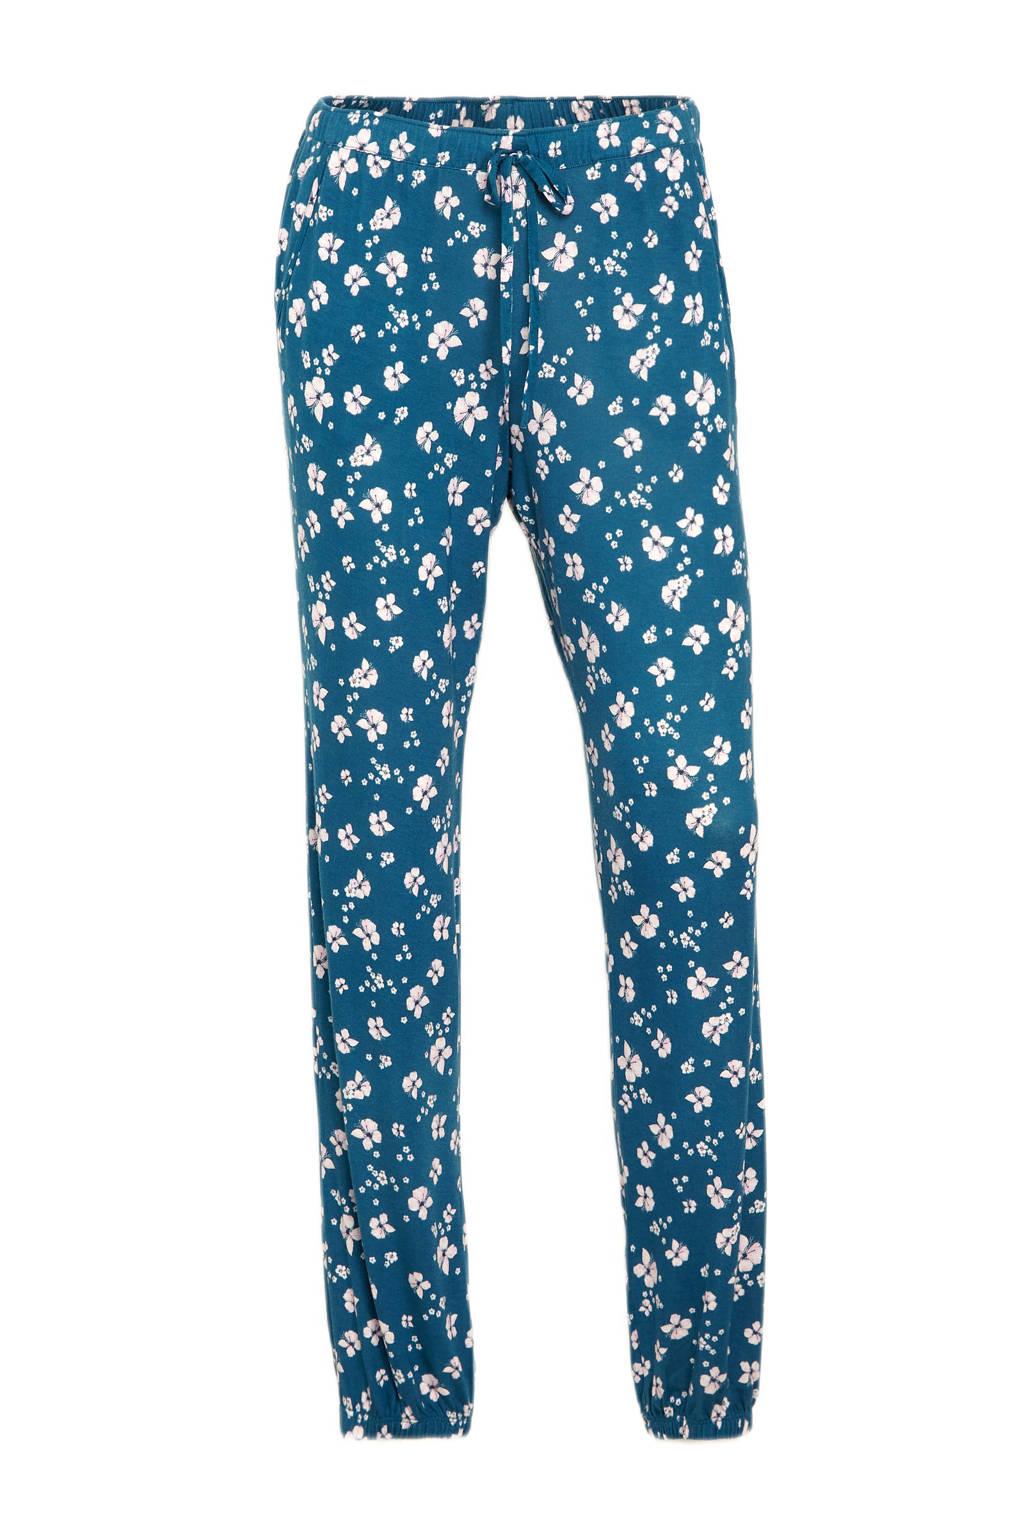 C&A Lingerie gebloemde pyjamabroek blauw/wit, Blauw/wit